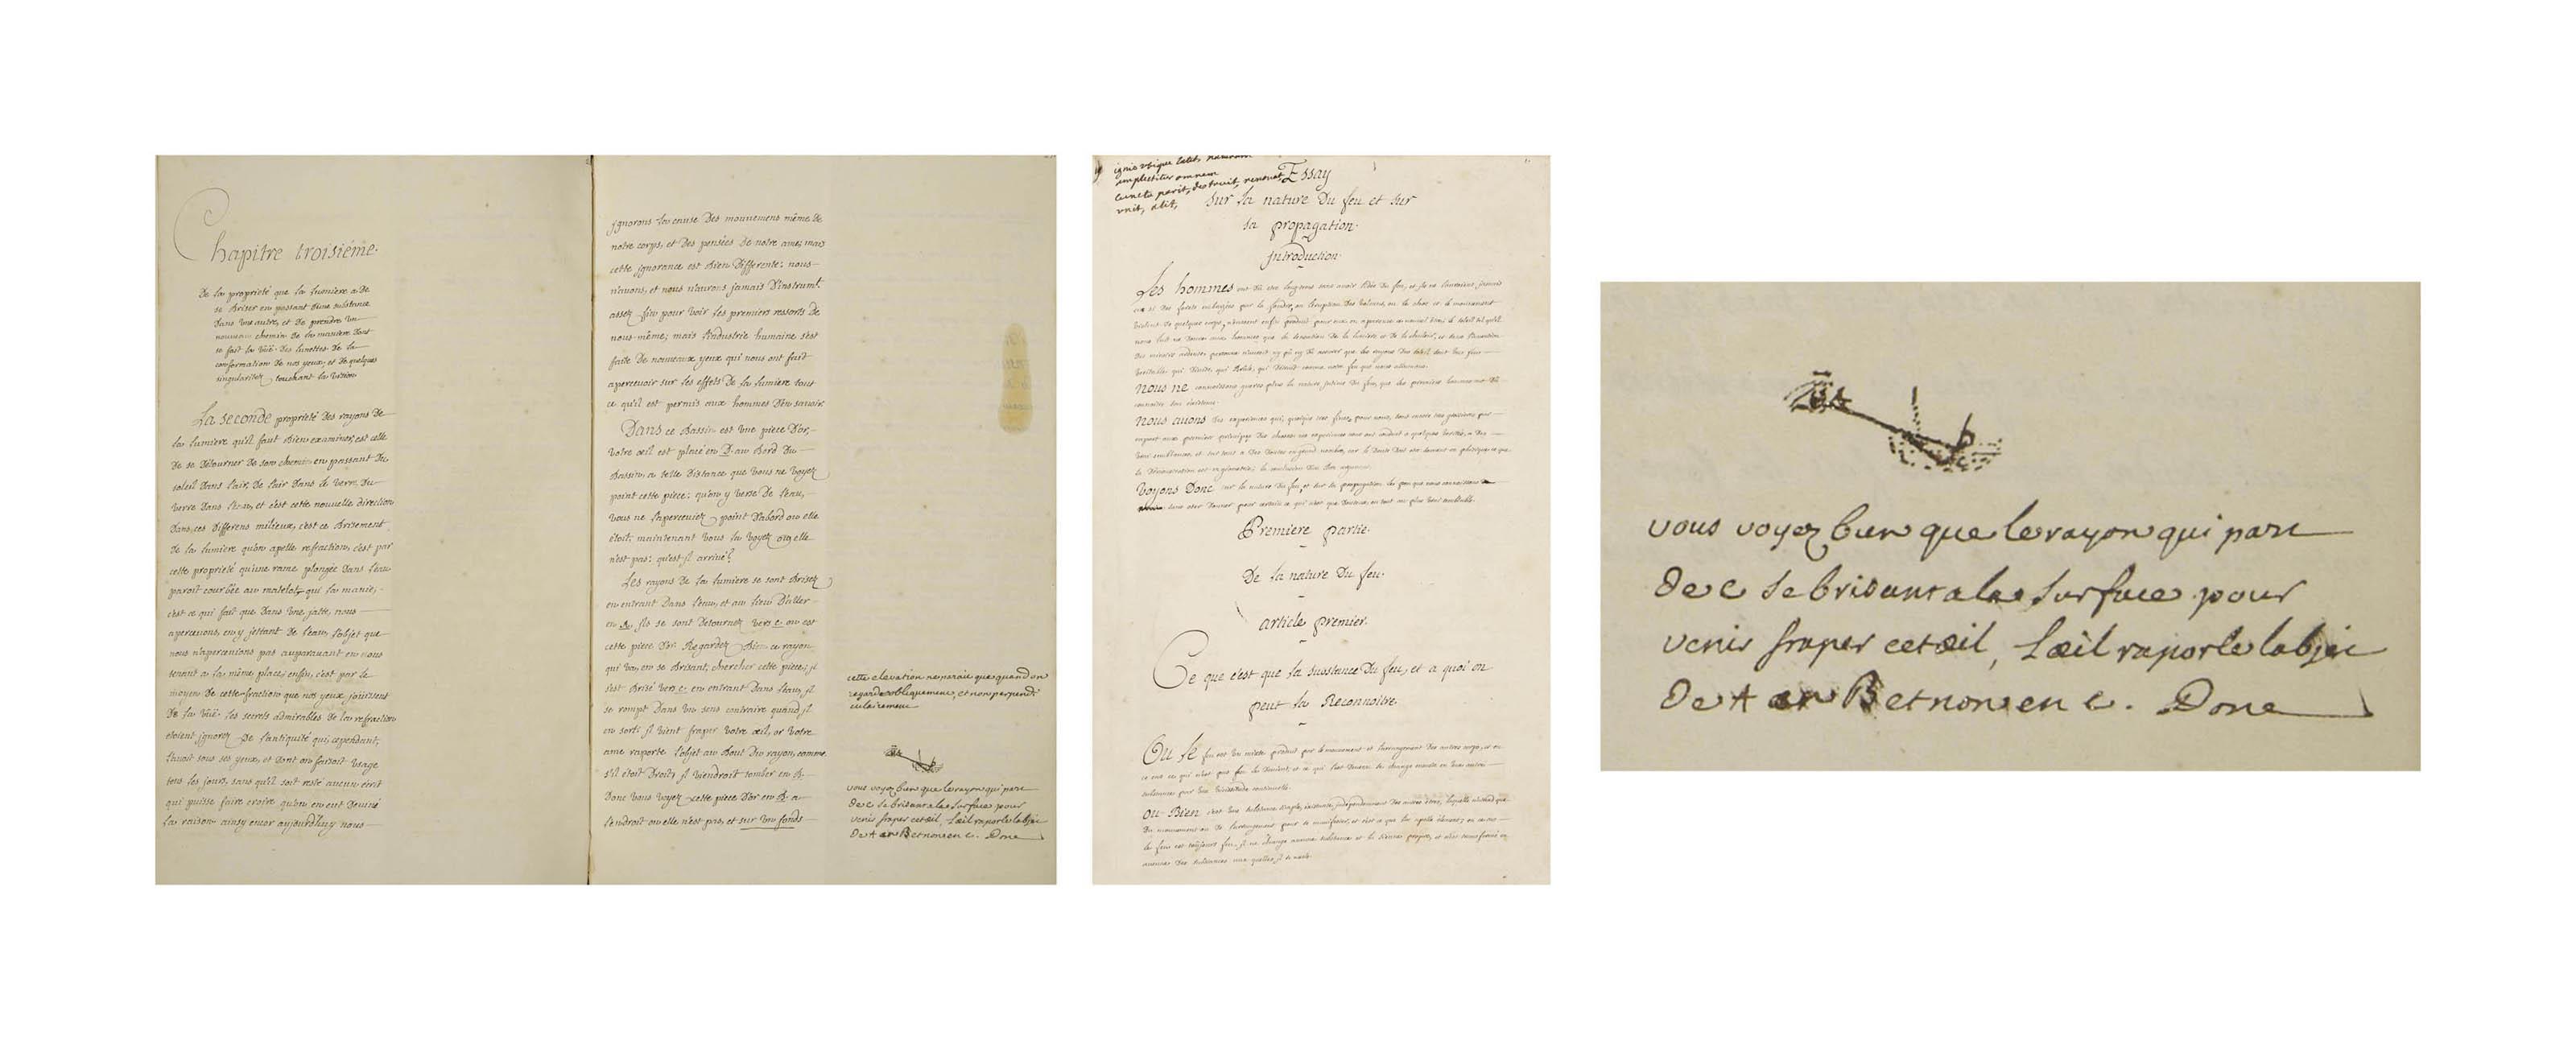 VOLTAIRE. De la nouvelle Philosophie de Newton a madame la marquise du Chastellet. Copie manuscrite avec quelques corrections autographes. [Suivi de:] -- Essay sur la nature du feu et sur sa propagation. Copie manuscrite d'une main différente comportant un ajout autographe d'Émilie du Châtelet. Vers 1737-1738.